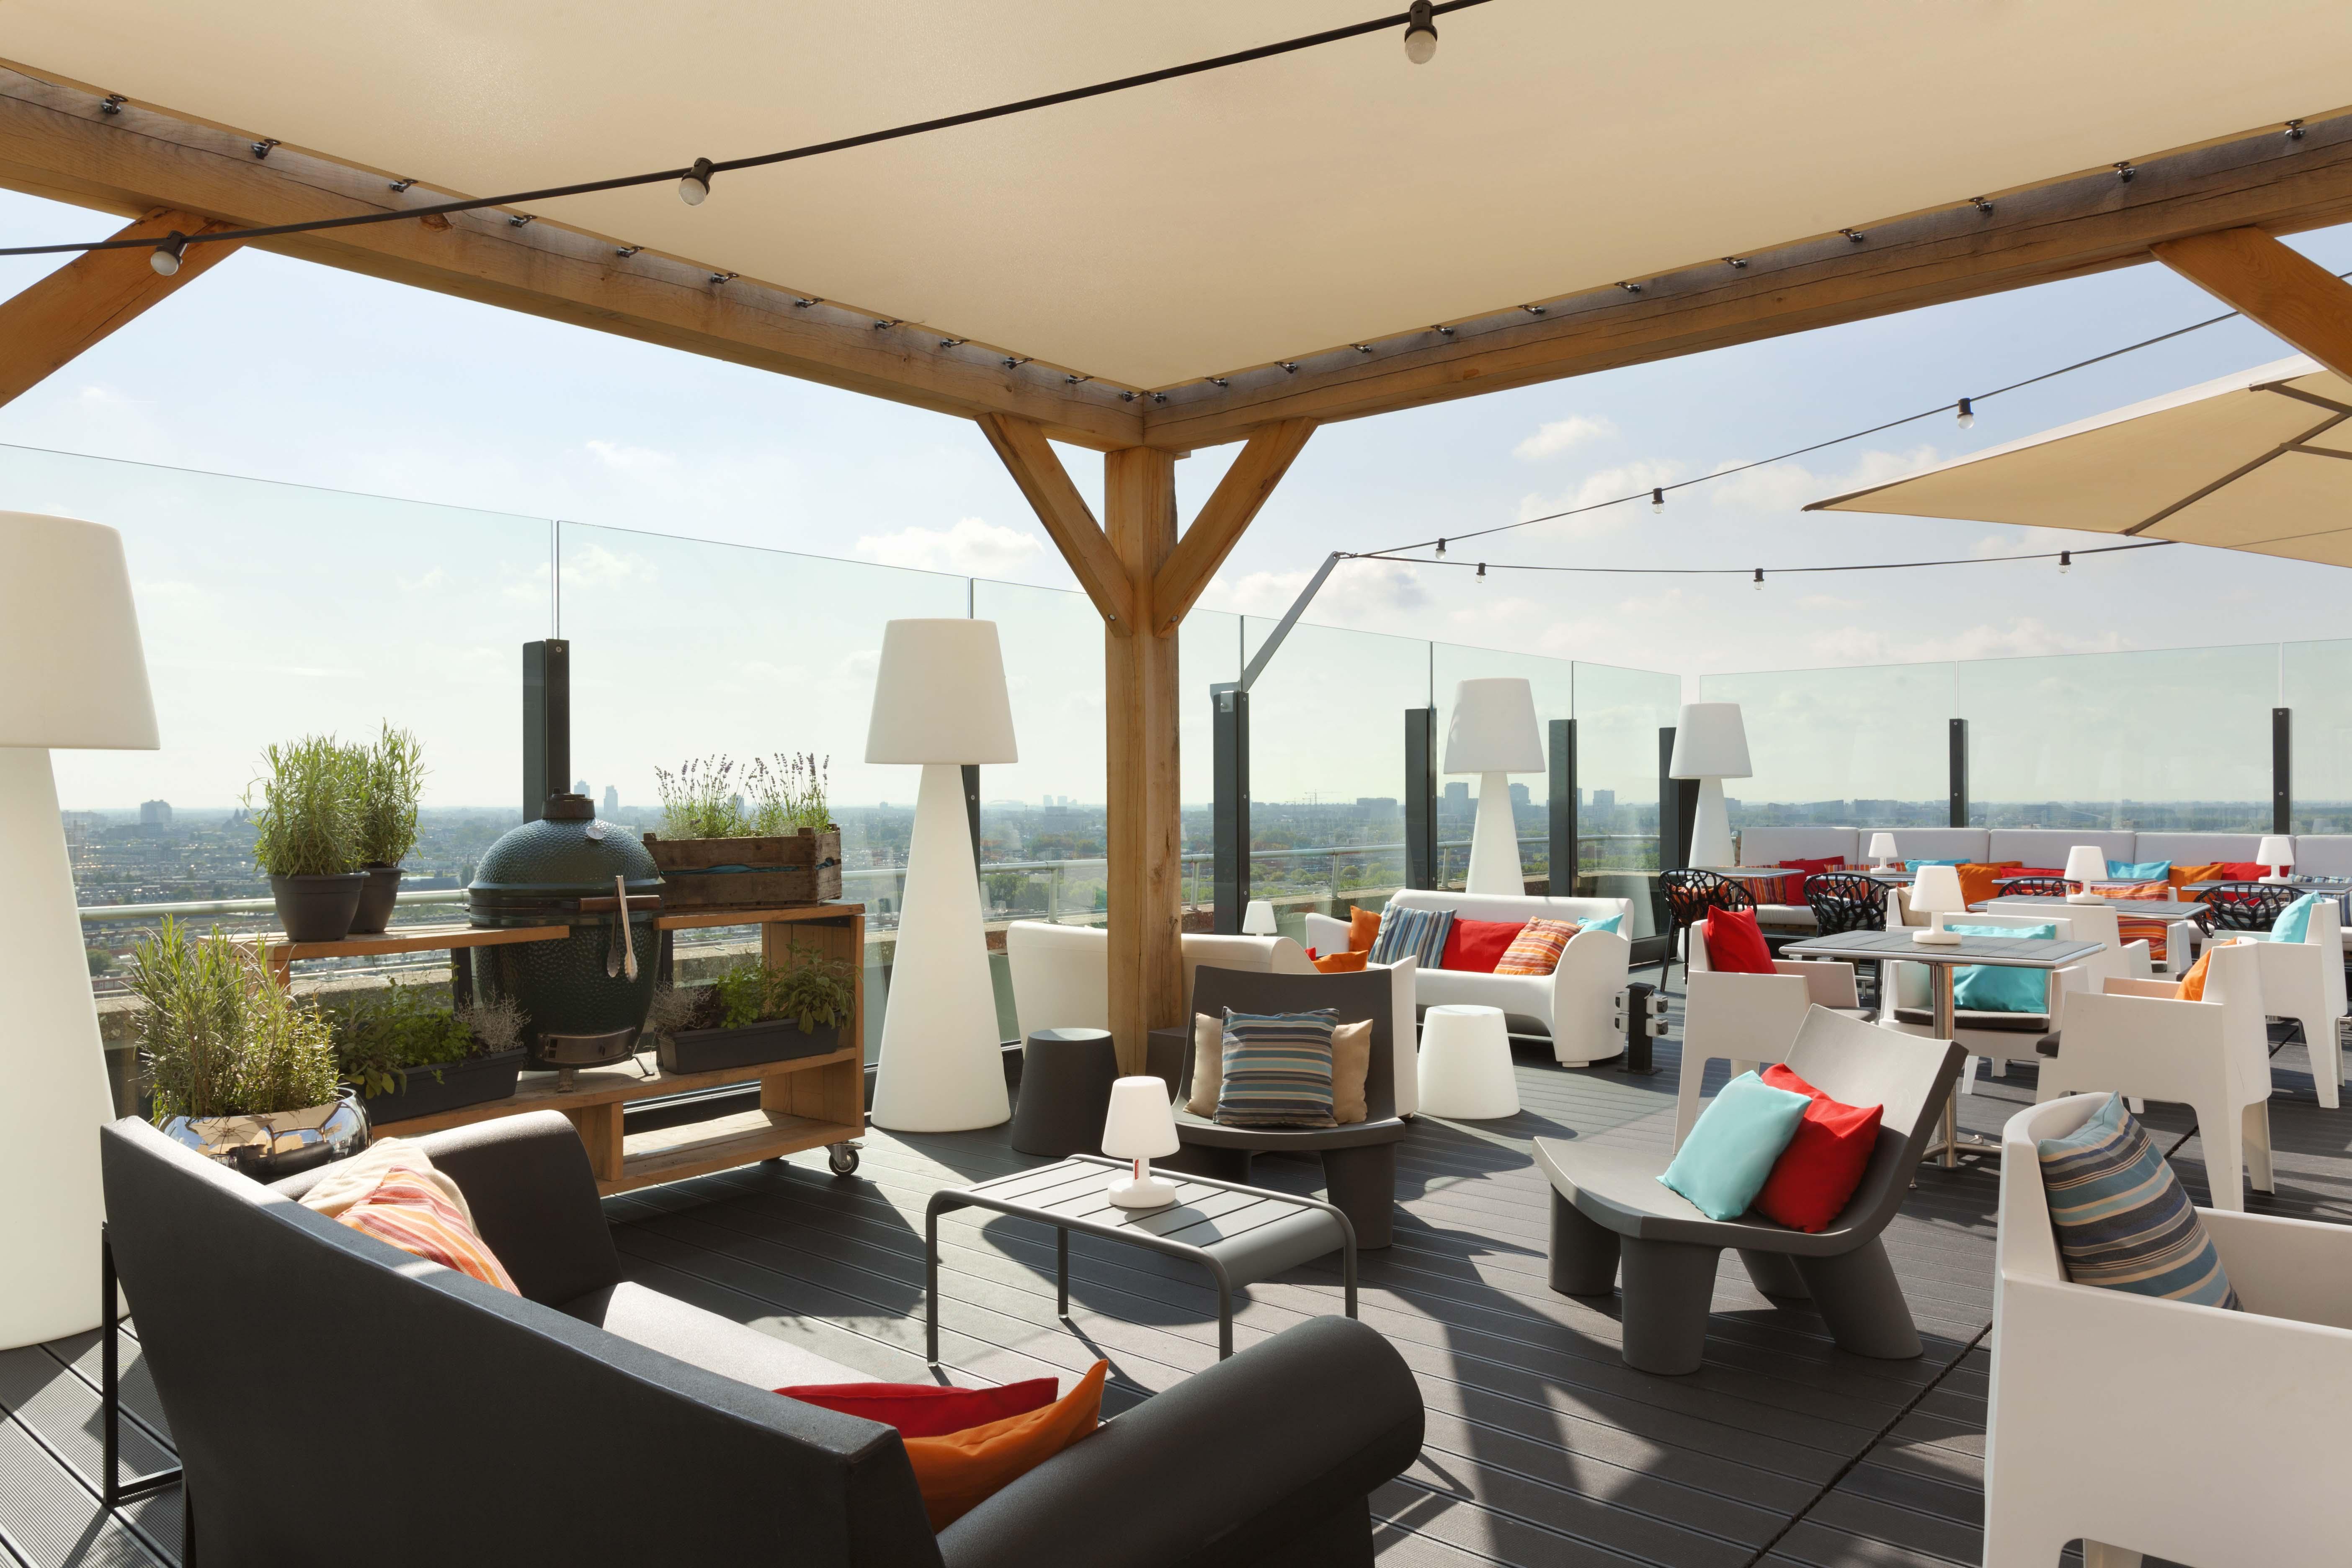 Floor17 in amsterdam restaurant review betty 39 s kitchen foodblog - Dakterras restaurant ...